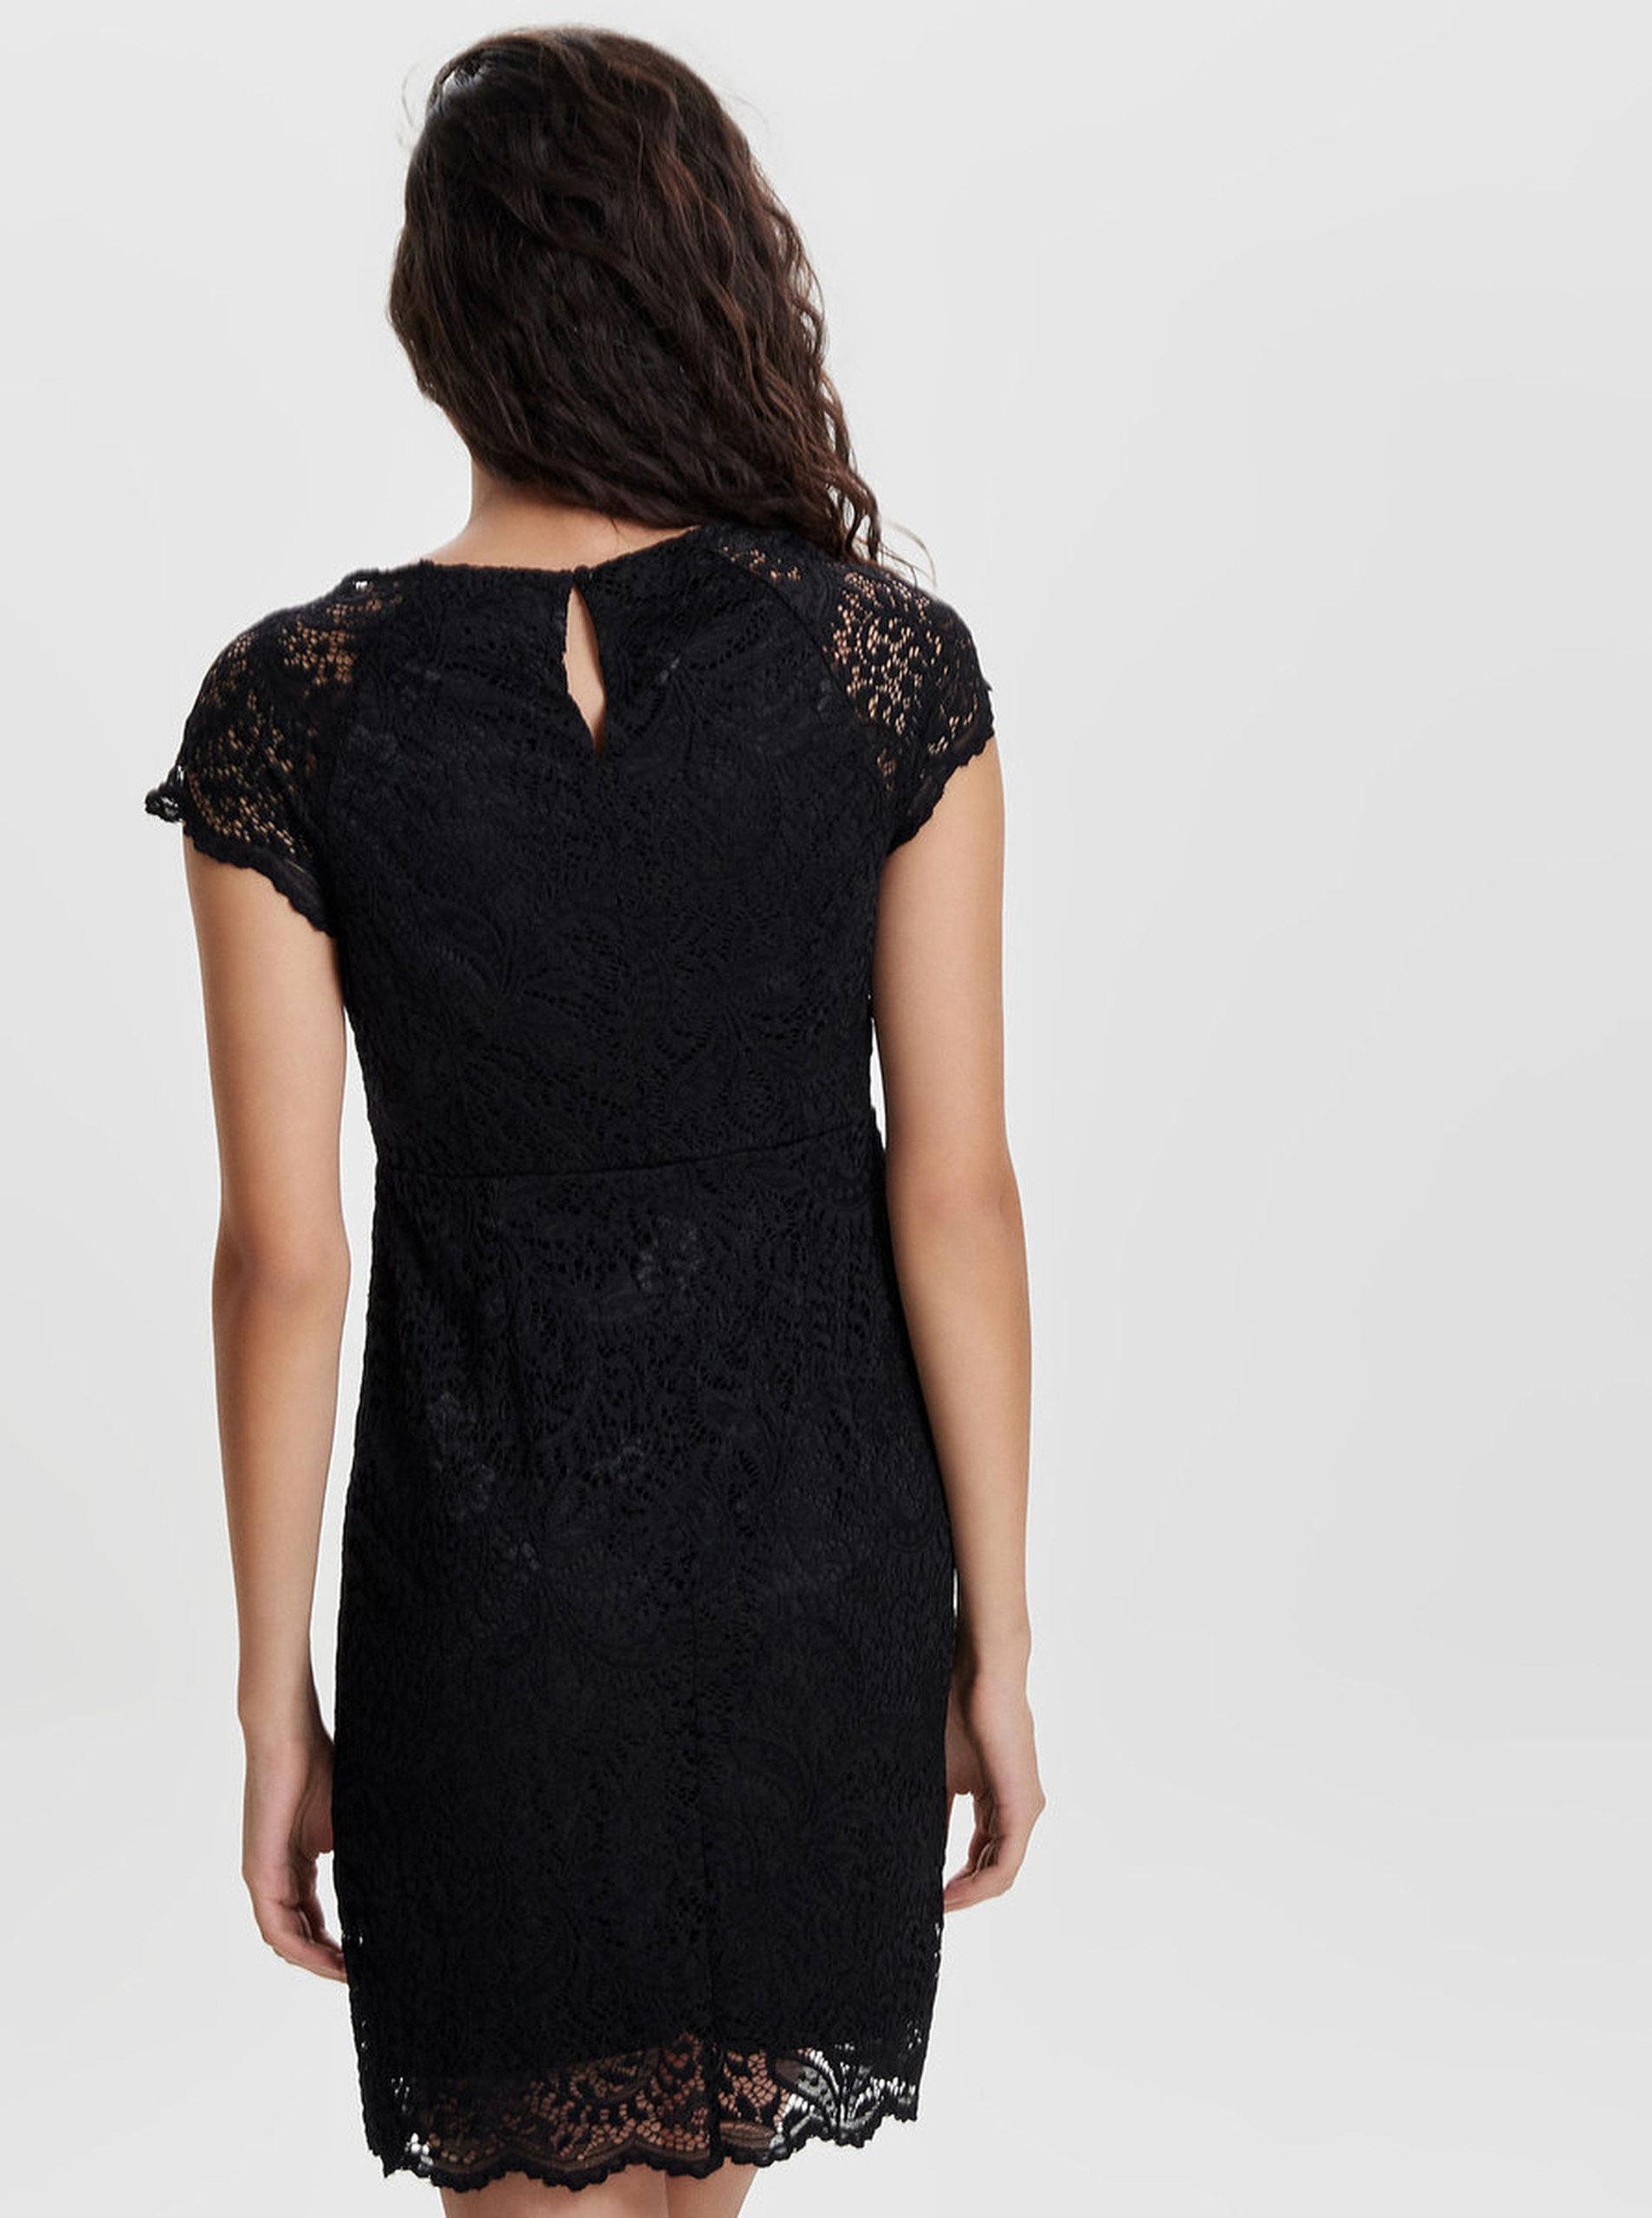 Čierne čipkované šaty s krátkym rukávom ONLY Shira ... ddf3225063f